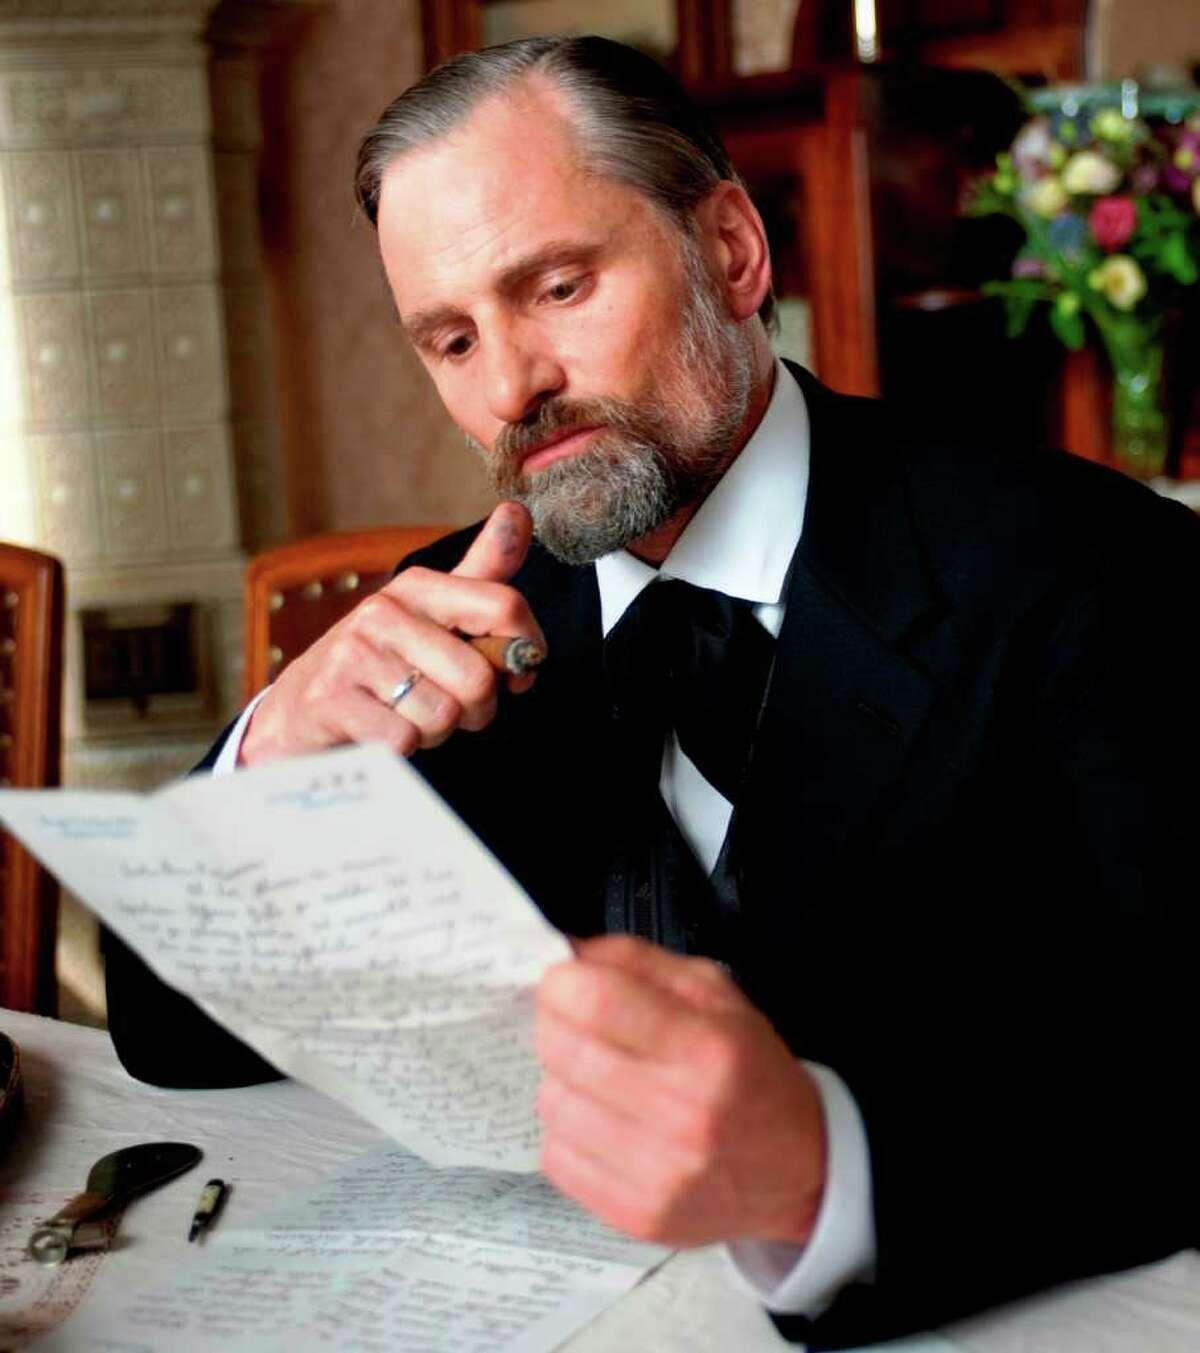 Viggo Mortensen co-stars as Sigmund Freud in